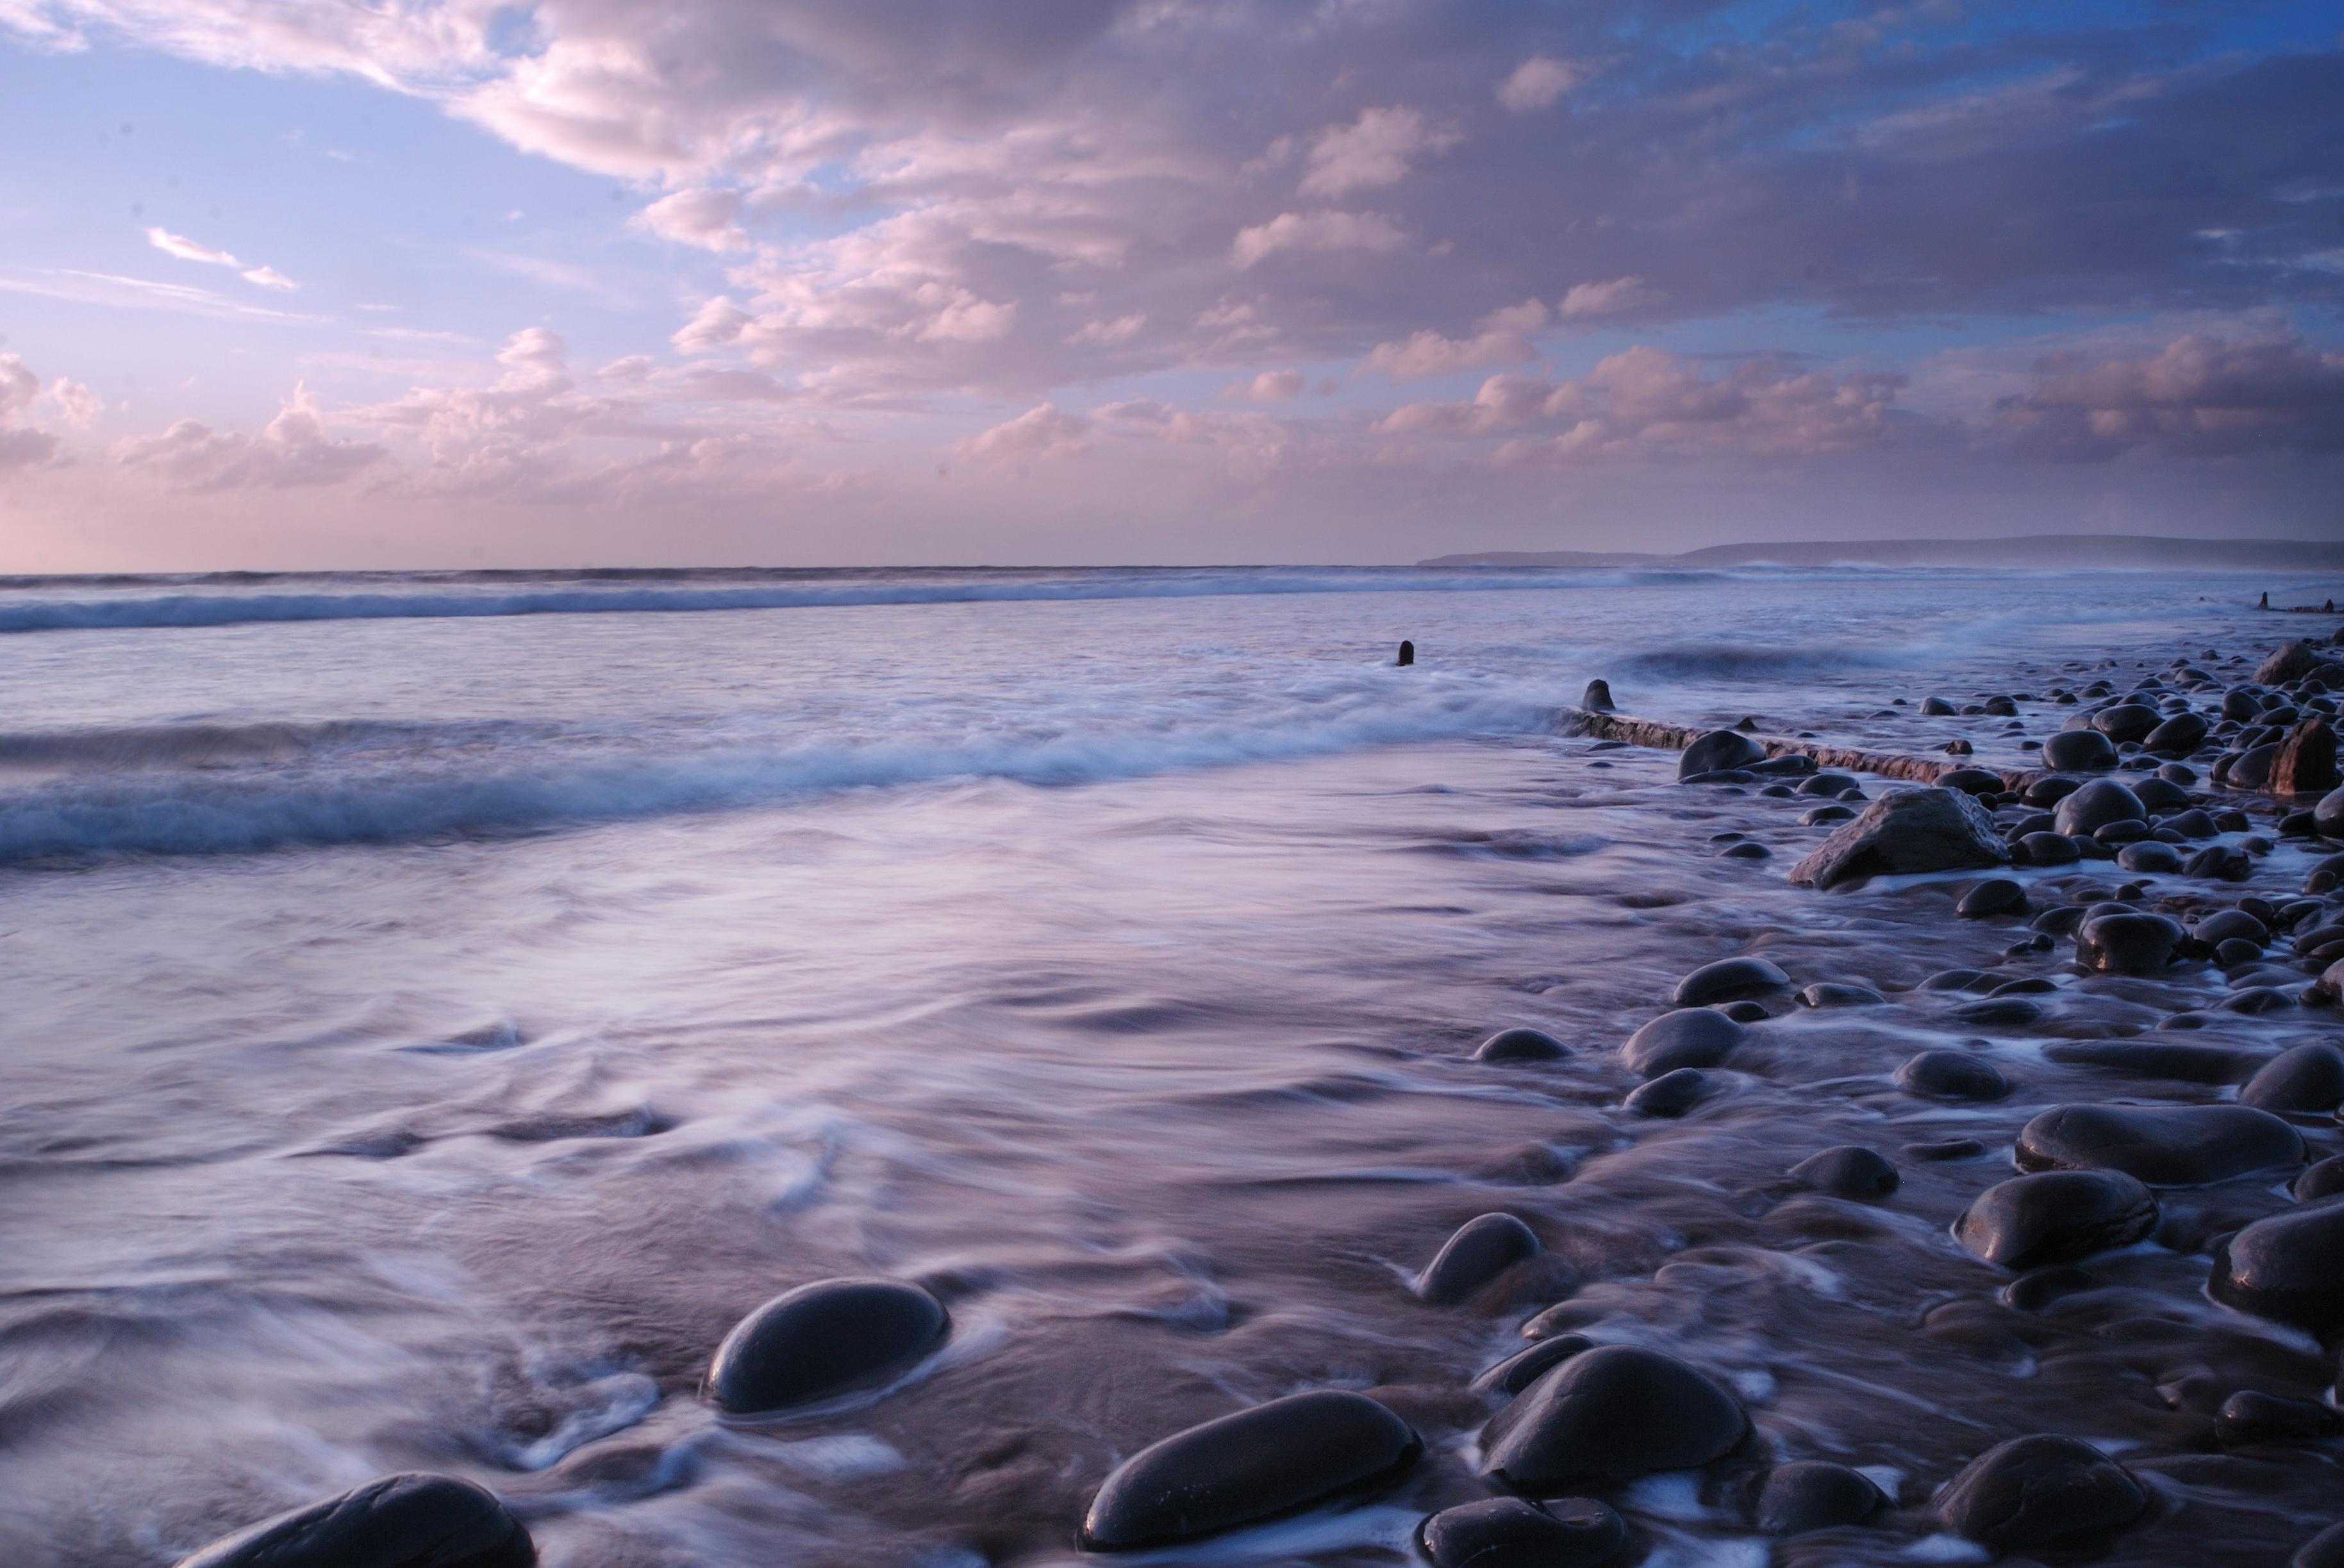 камни небо море  № 1491329 загрузить